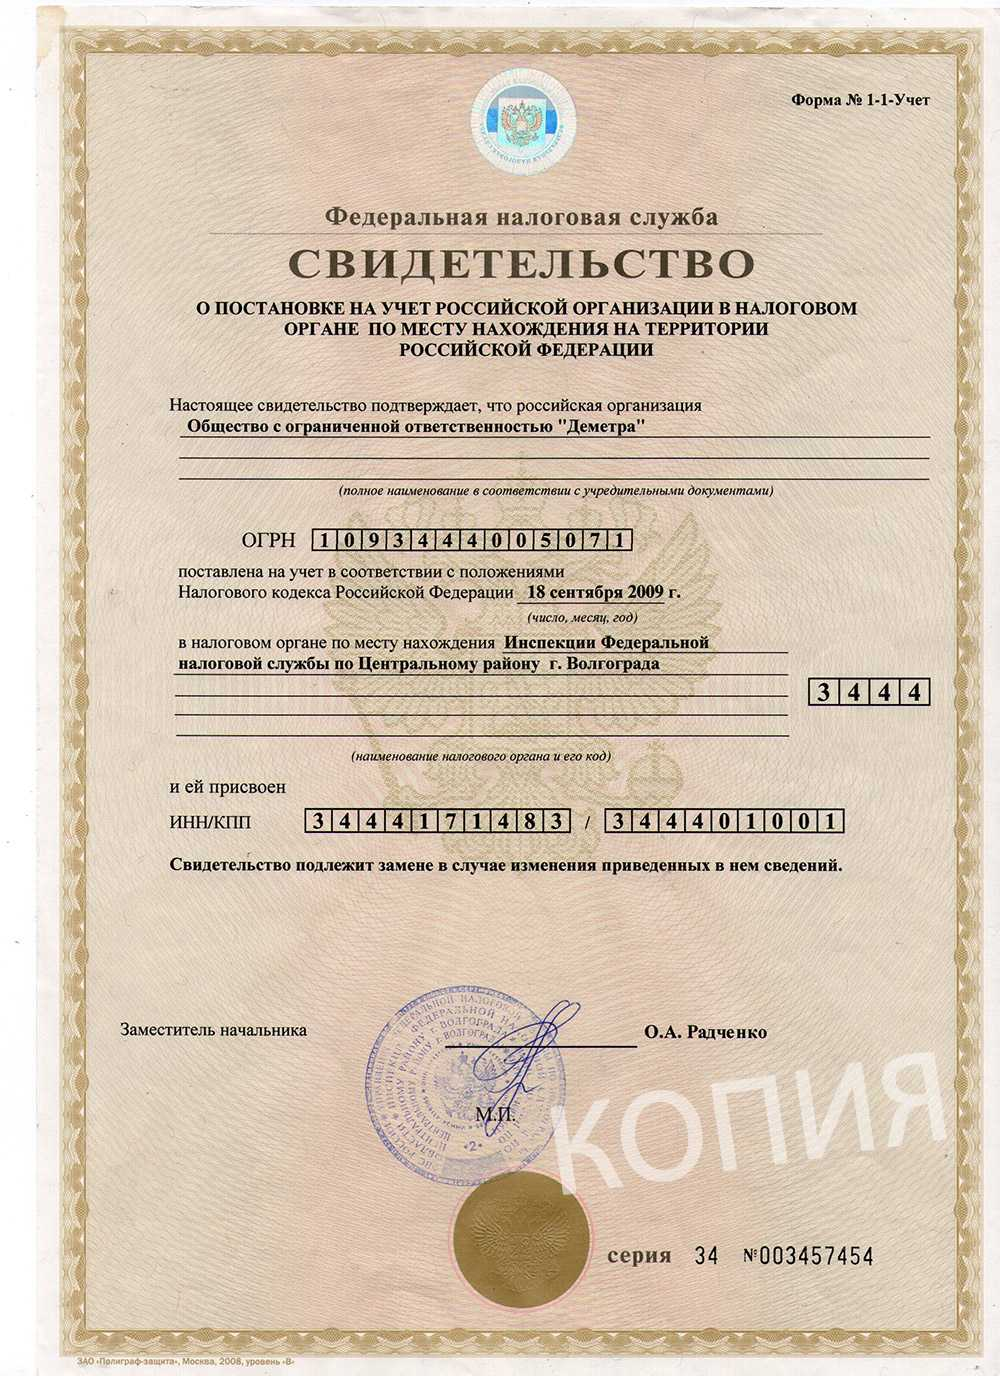 Ooo & quot; lotteri & quot;, Moskva by, Kro 7704494790, ogrn 1197746415316 okpo 40457258 - forudsætninger, anmeldelser, kontakter, bedømmelse.